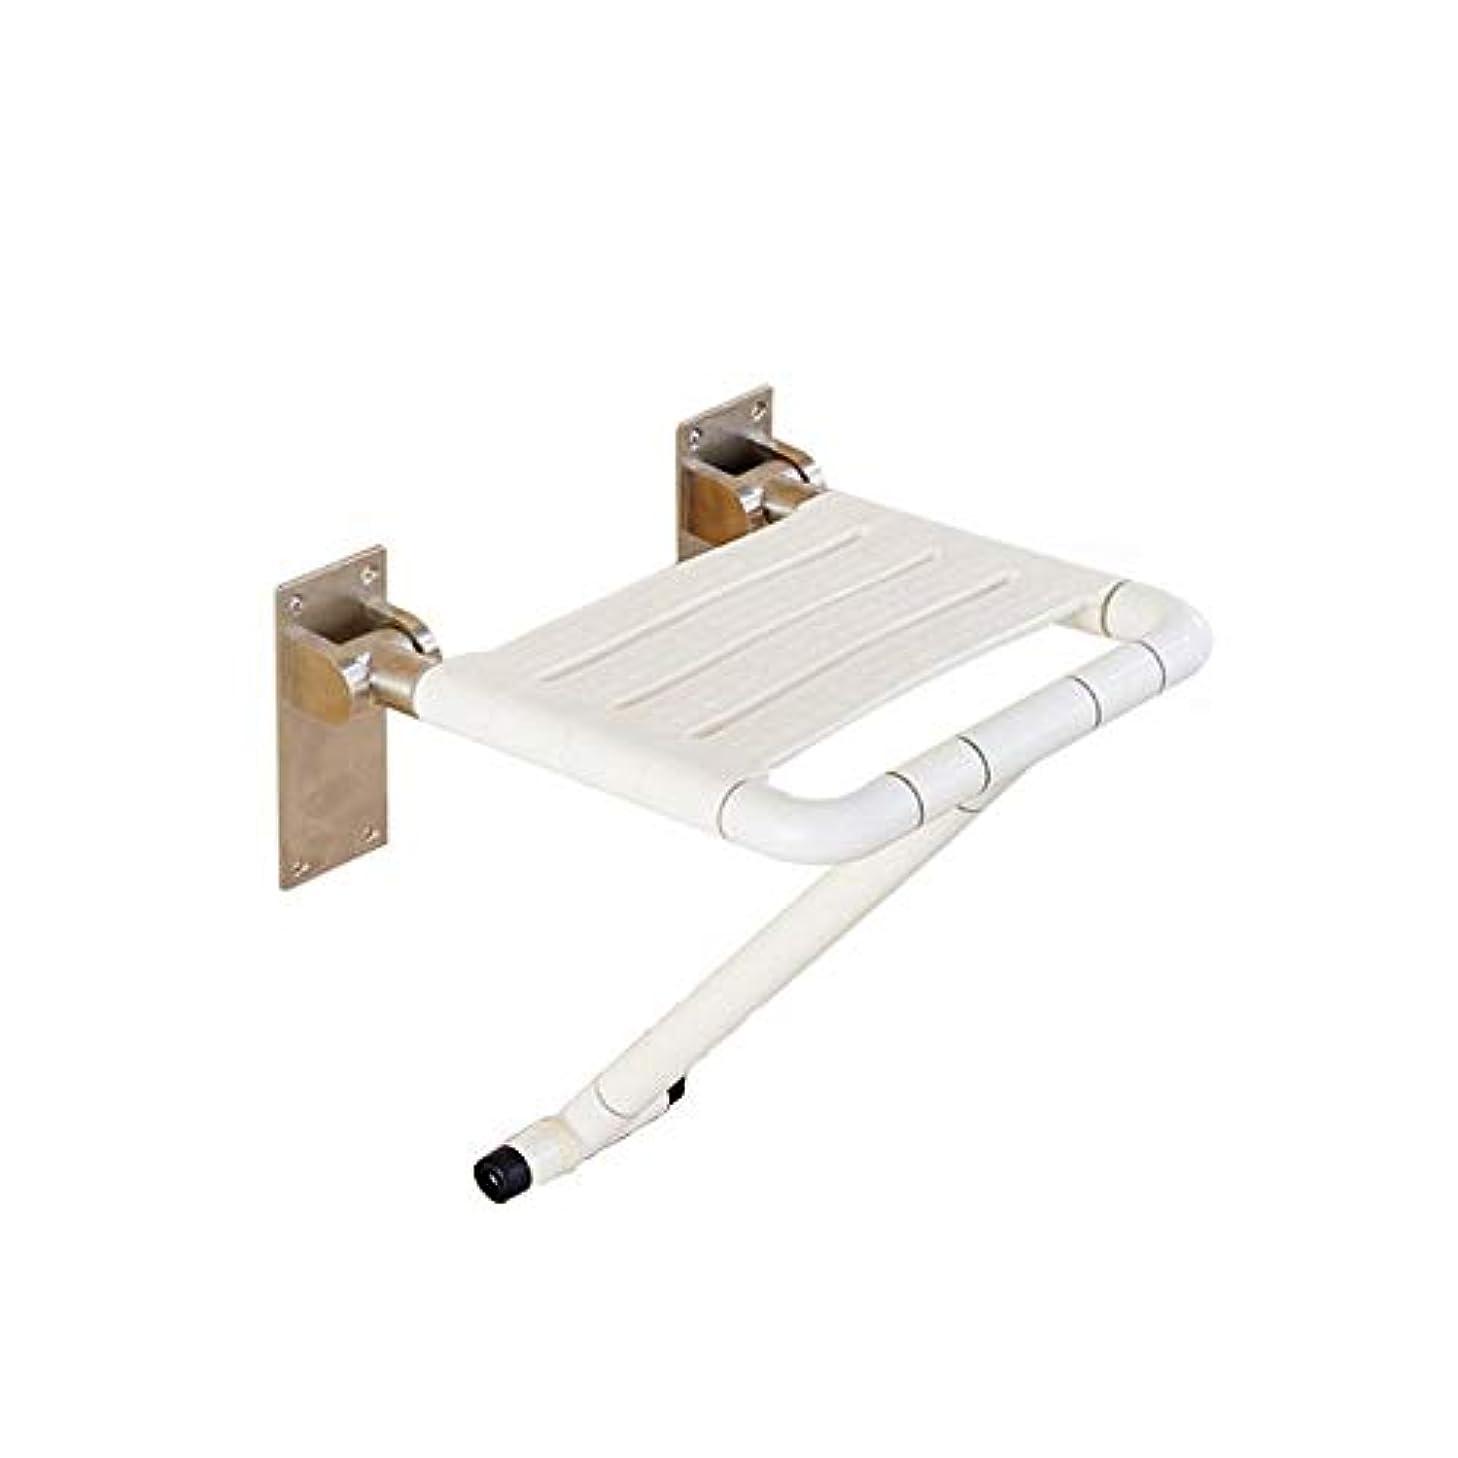 みぞれレオナルドダ降雨壁に取り付けられた折るシャワーの座席腰掛けの移動性の援助